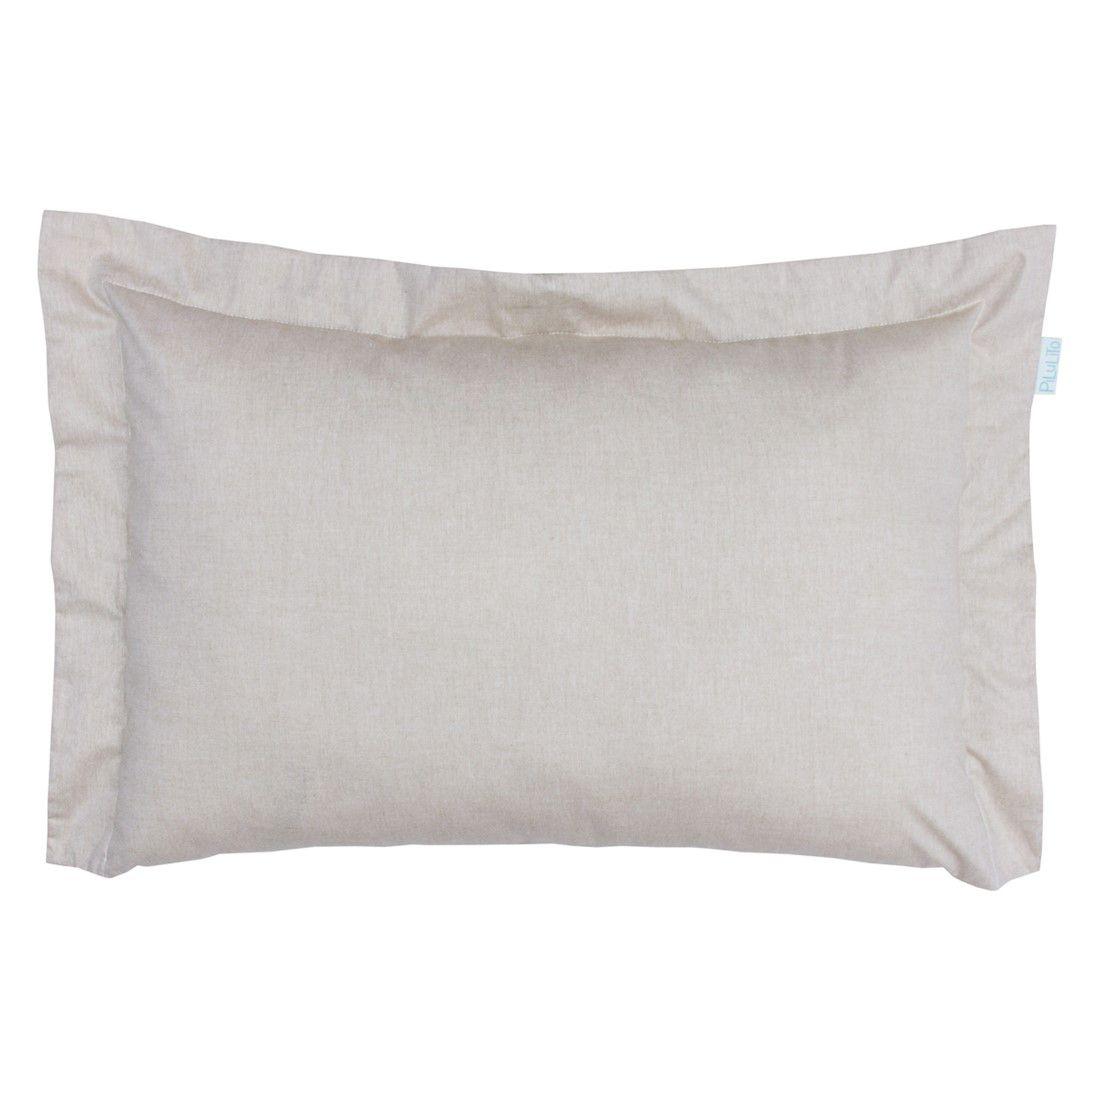 Capa de almofada de cabeceira 60x40cm linho